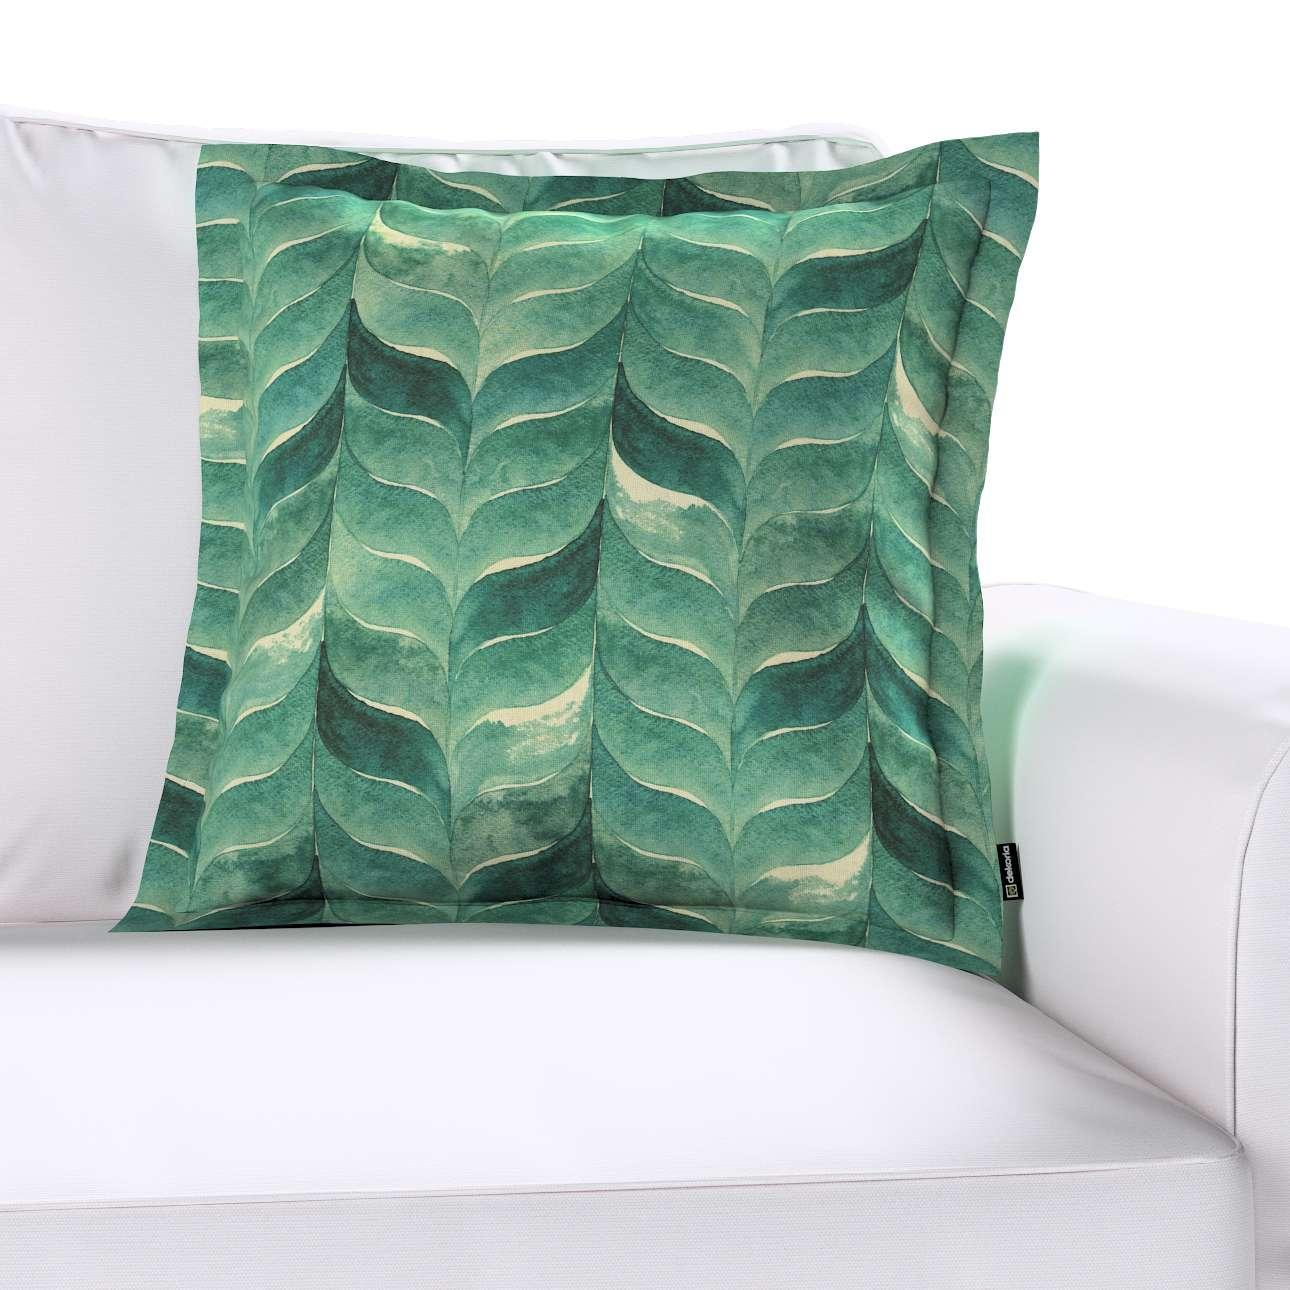 Poszewka Mona na poduszkę w kolekcji Abigail, tkanina: 143-16